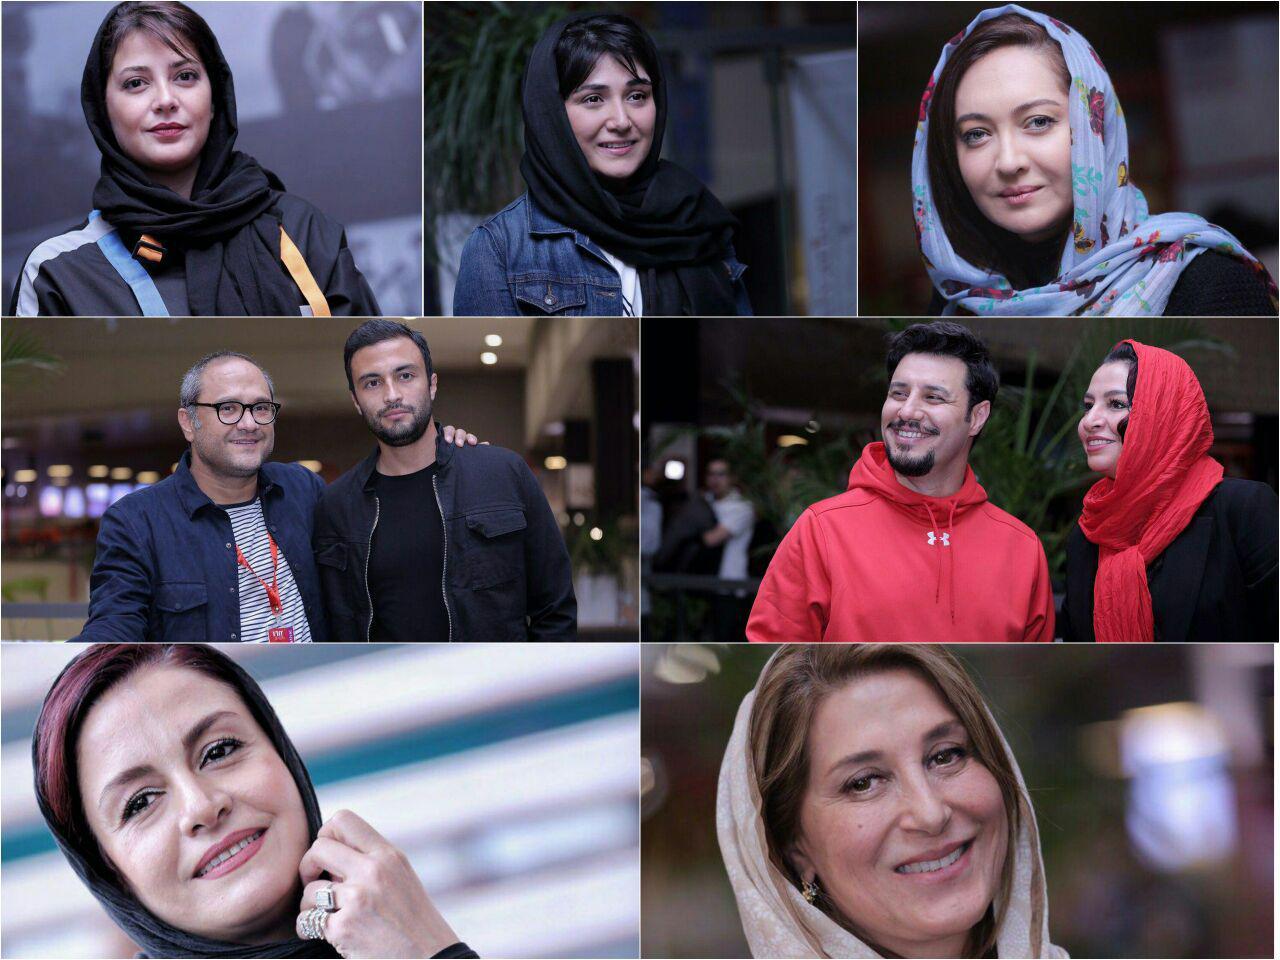 گزارش تصویری از روز سوم سی و ششمین جشنواره جهانی فیلم فجر